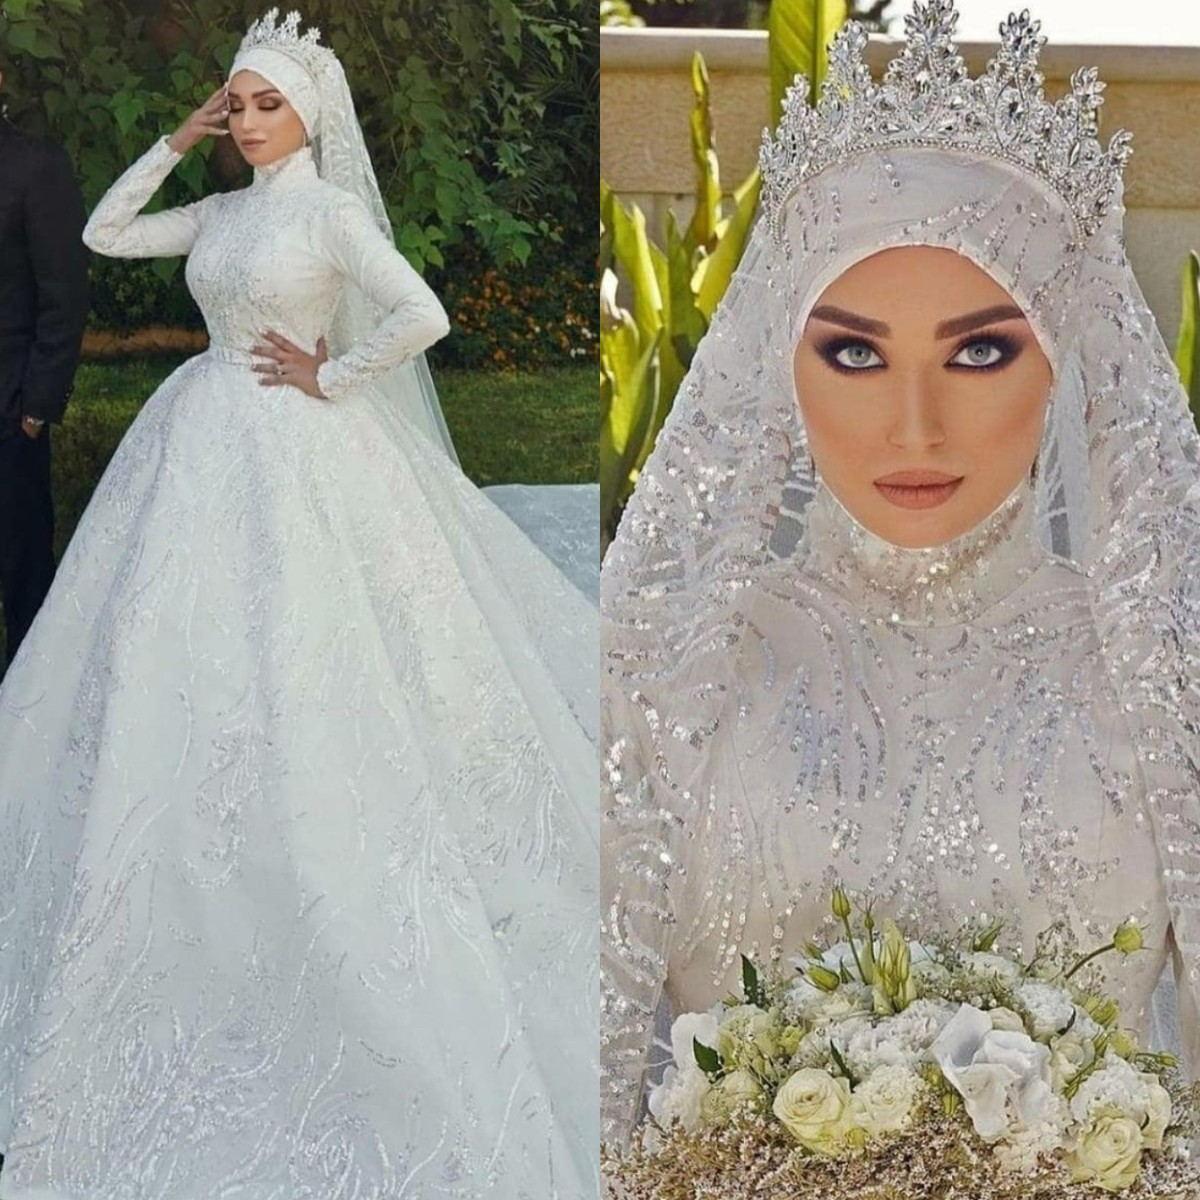 Parlak Sequins Müslüman Gelinlik ile Başörtüsü Uzun Kollu Boncuk Artı Boyutu Gelinlikler Arapça Lüks Robes de Mariée